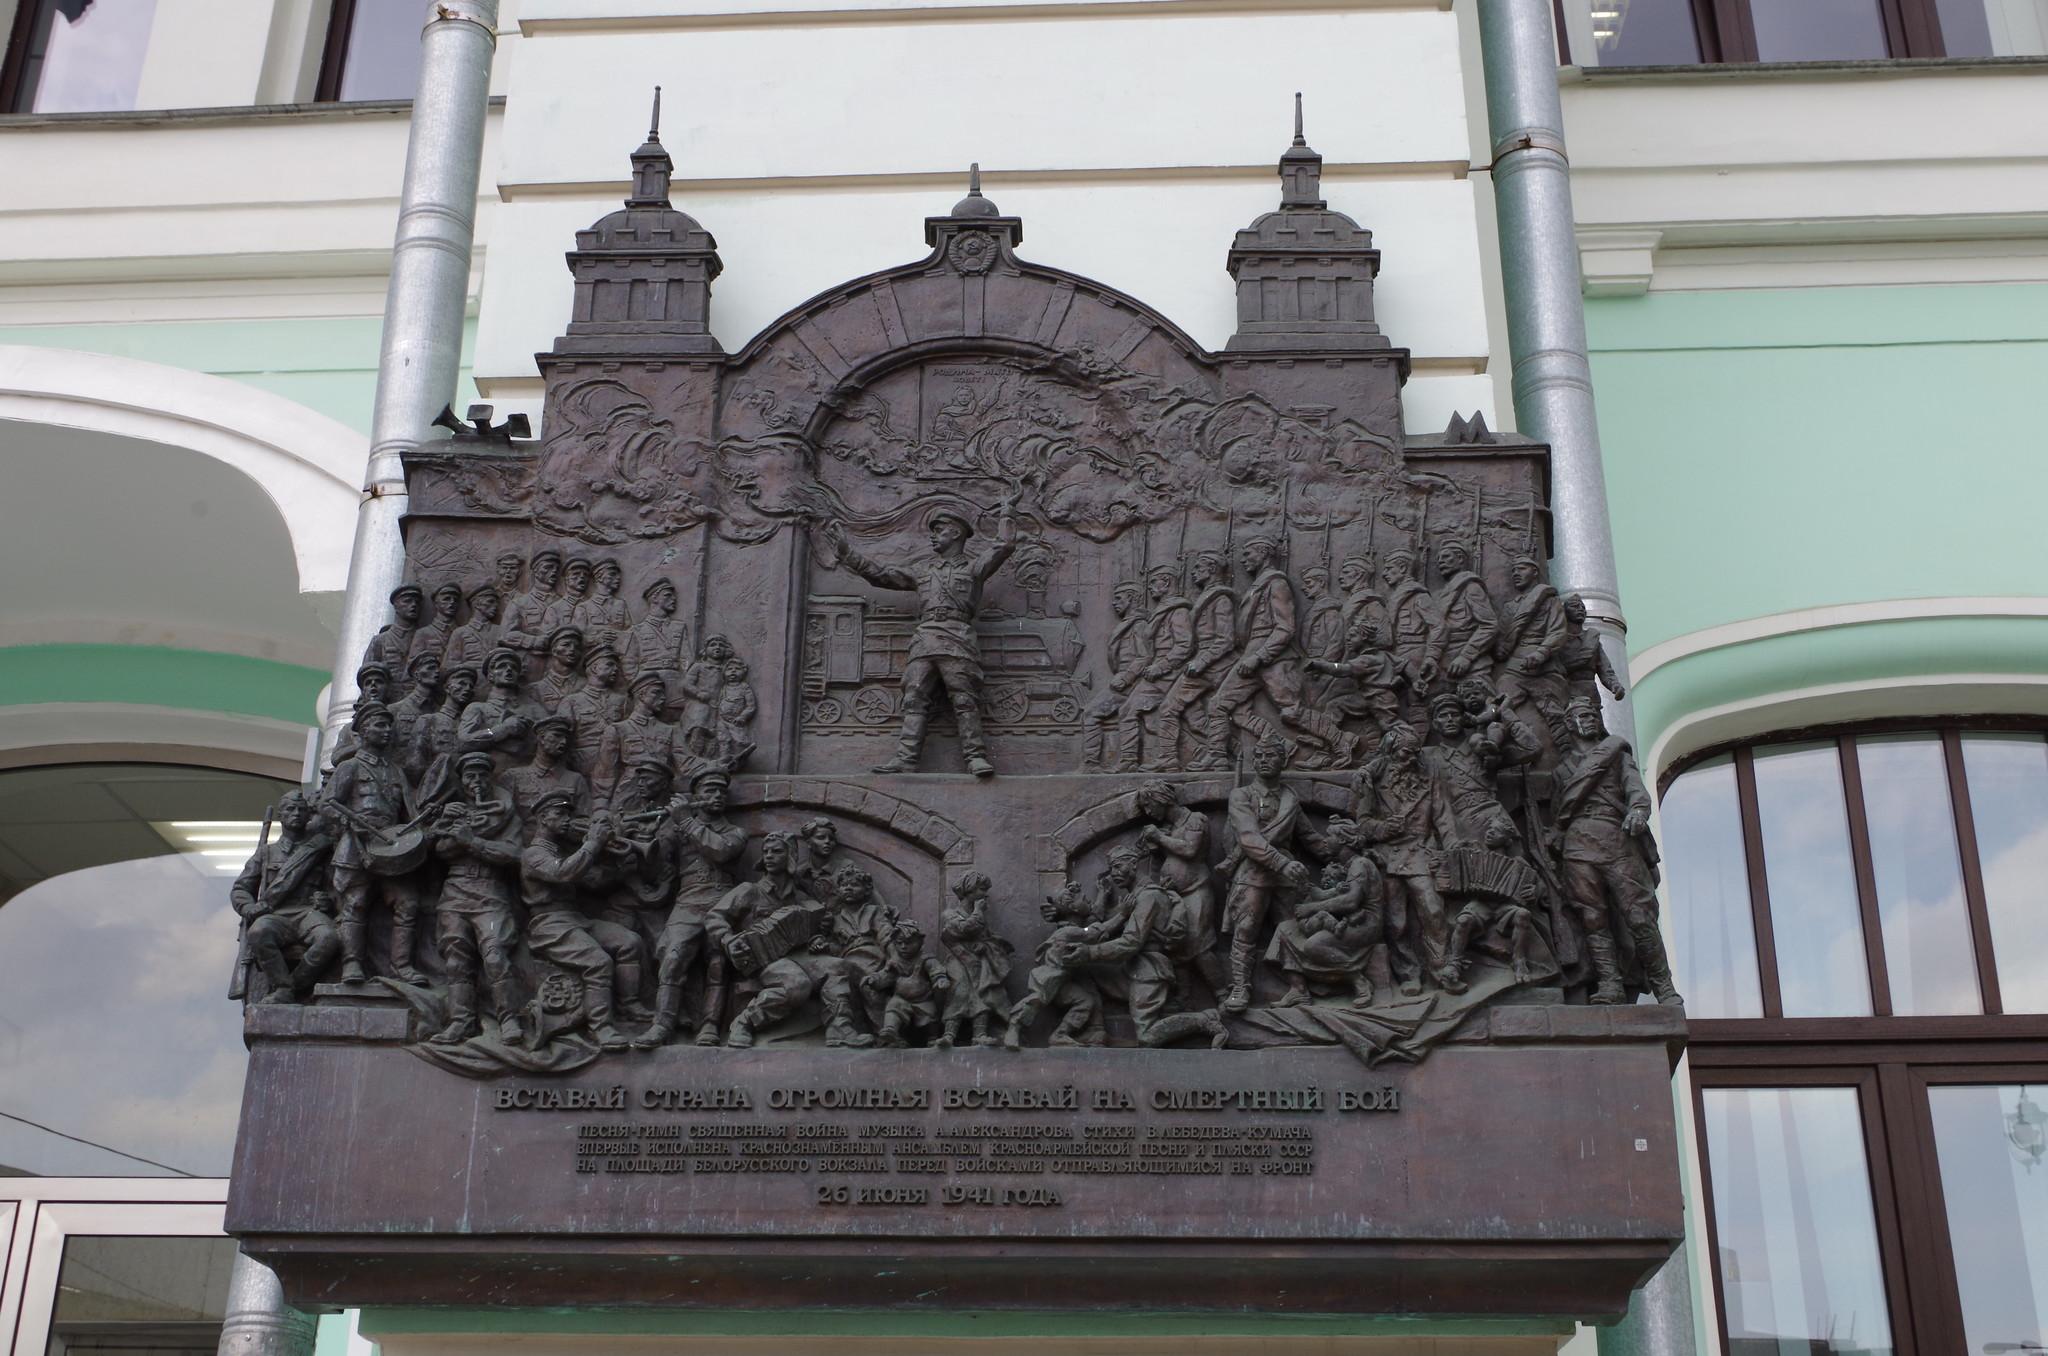 Мемориальная доска со скульптурной композицией, посвящённая первому исполнению песни-набата «Священная война»